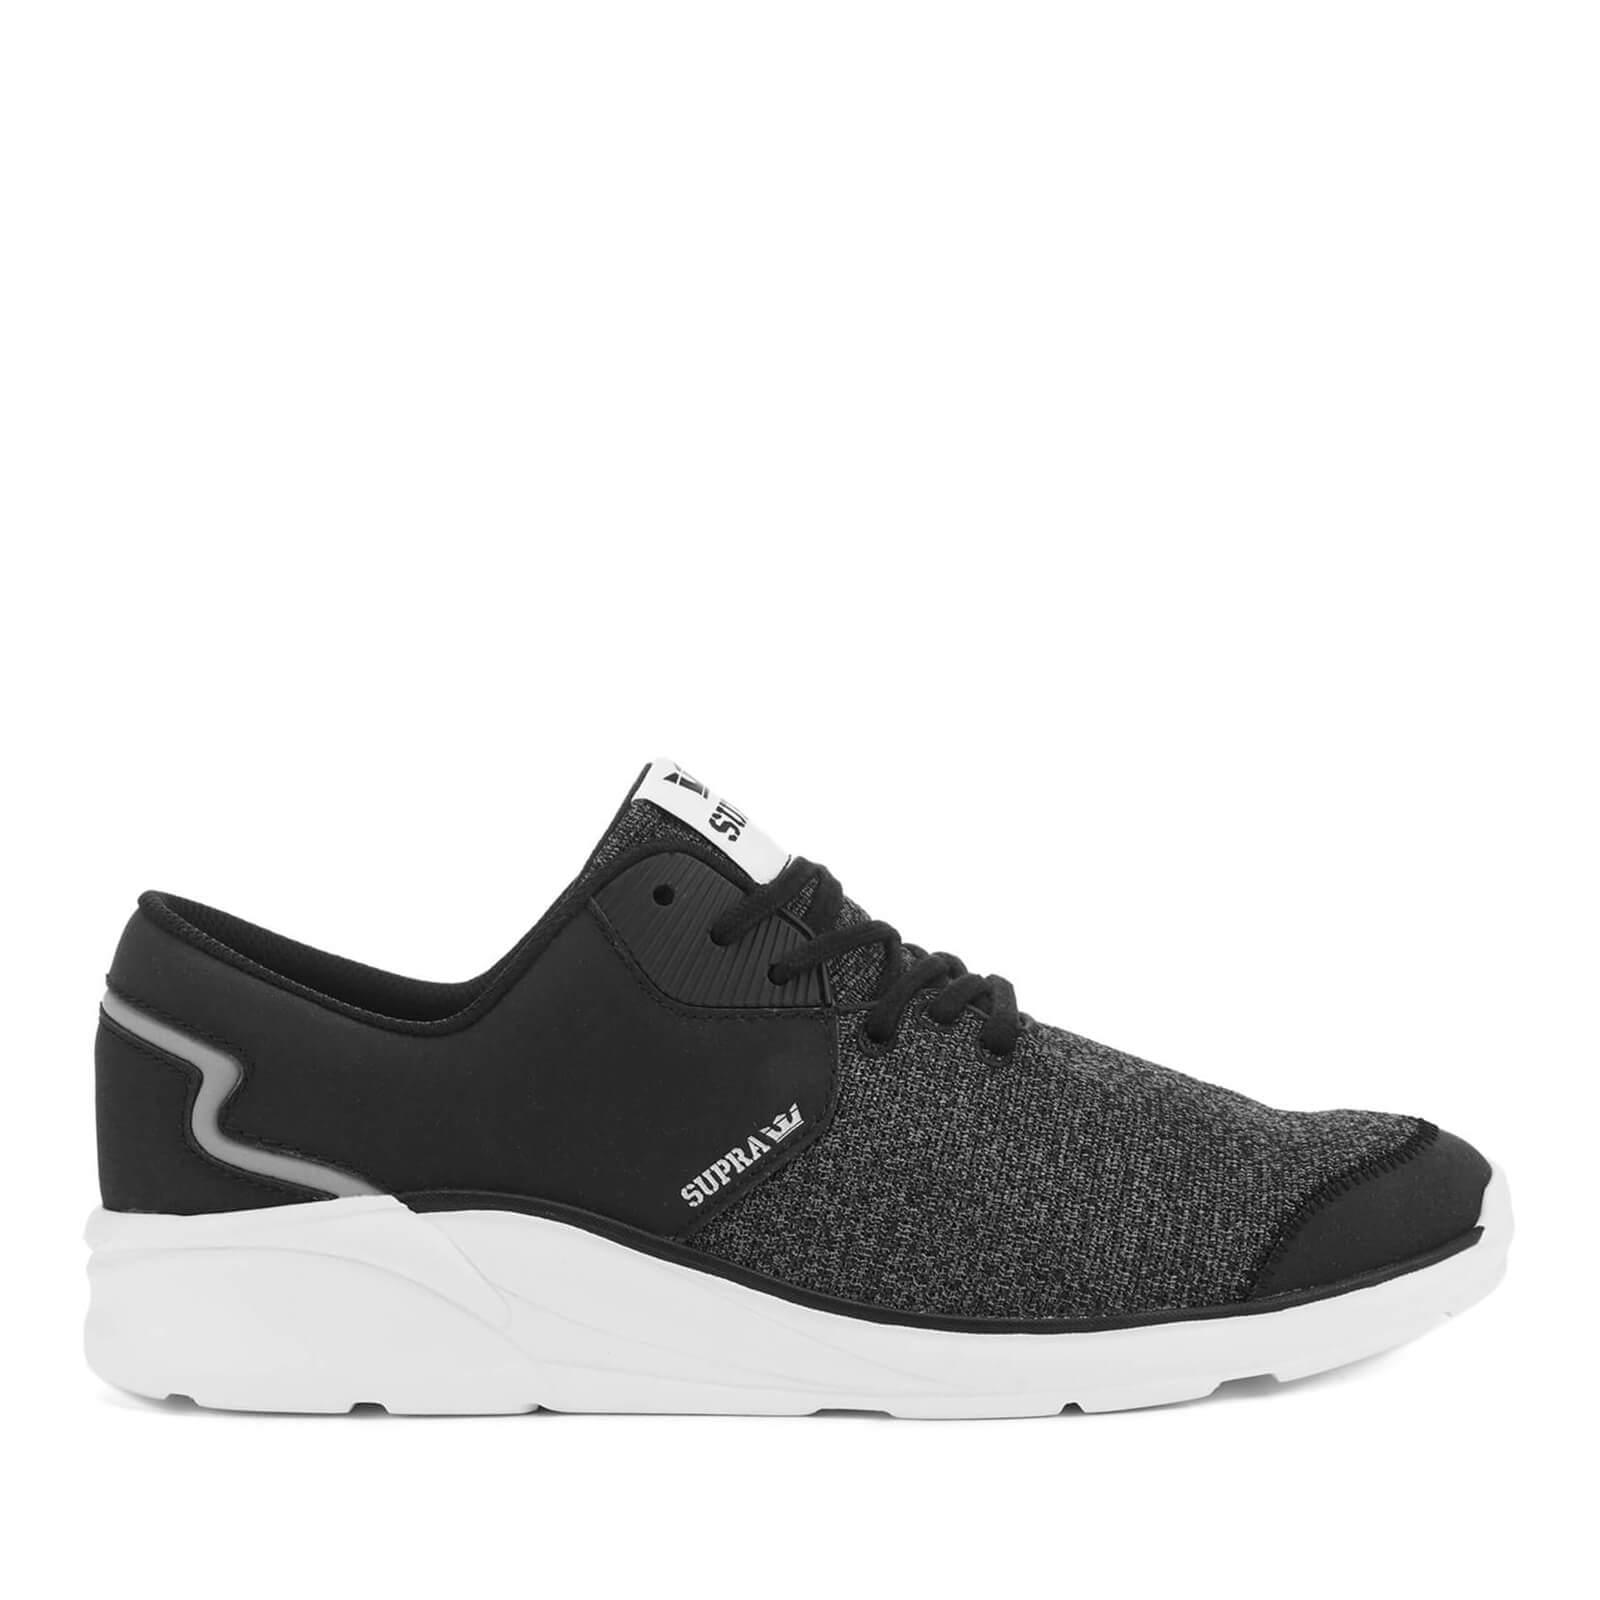 22ef5d6fa274 Zapatillas Supra Noiz - Hombre - Negro gris. Descripción